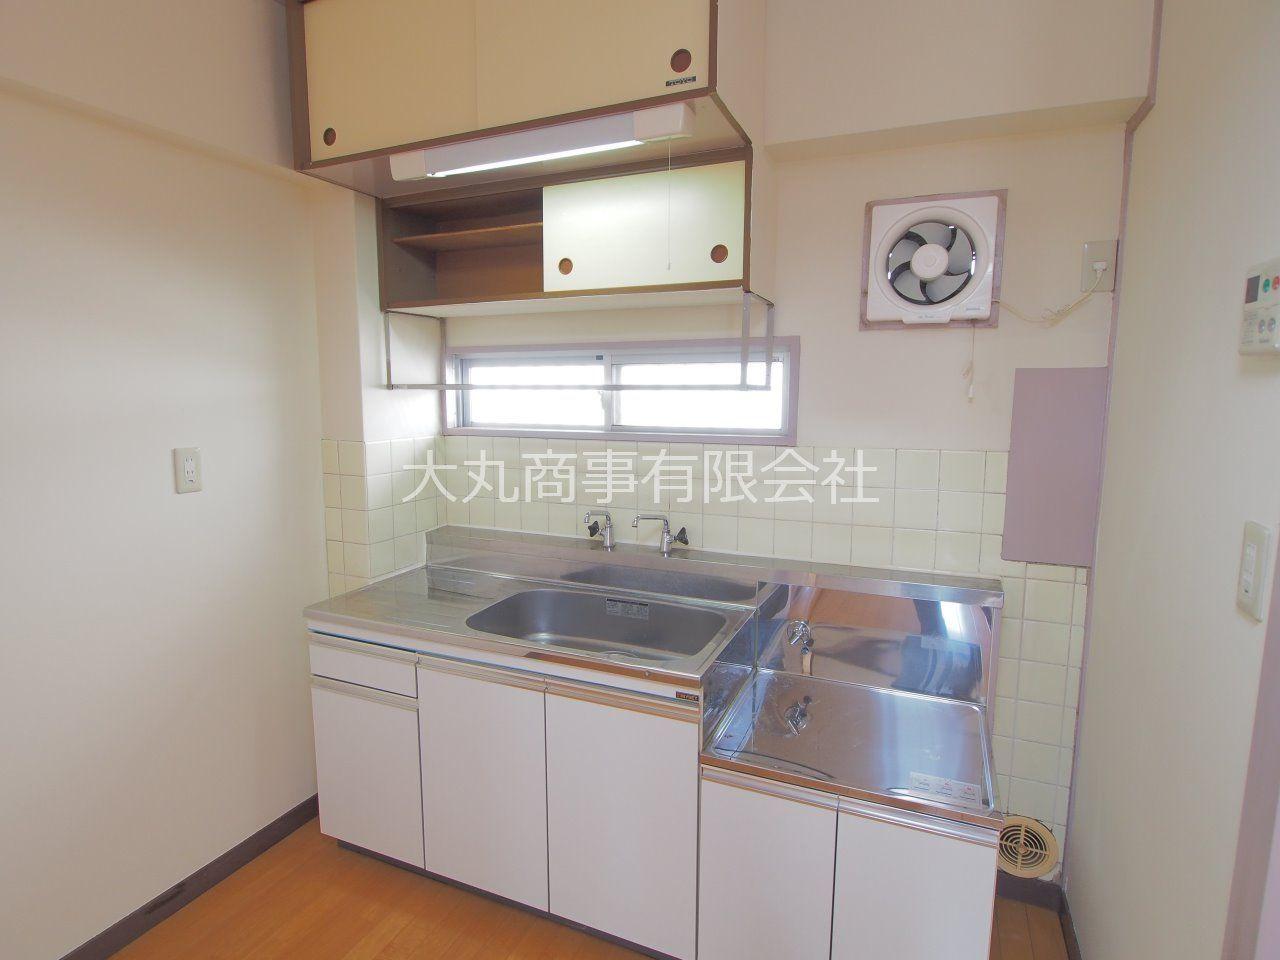 2口ガスコンロ対応の窓のあるキッチン